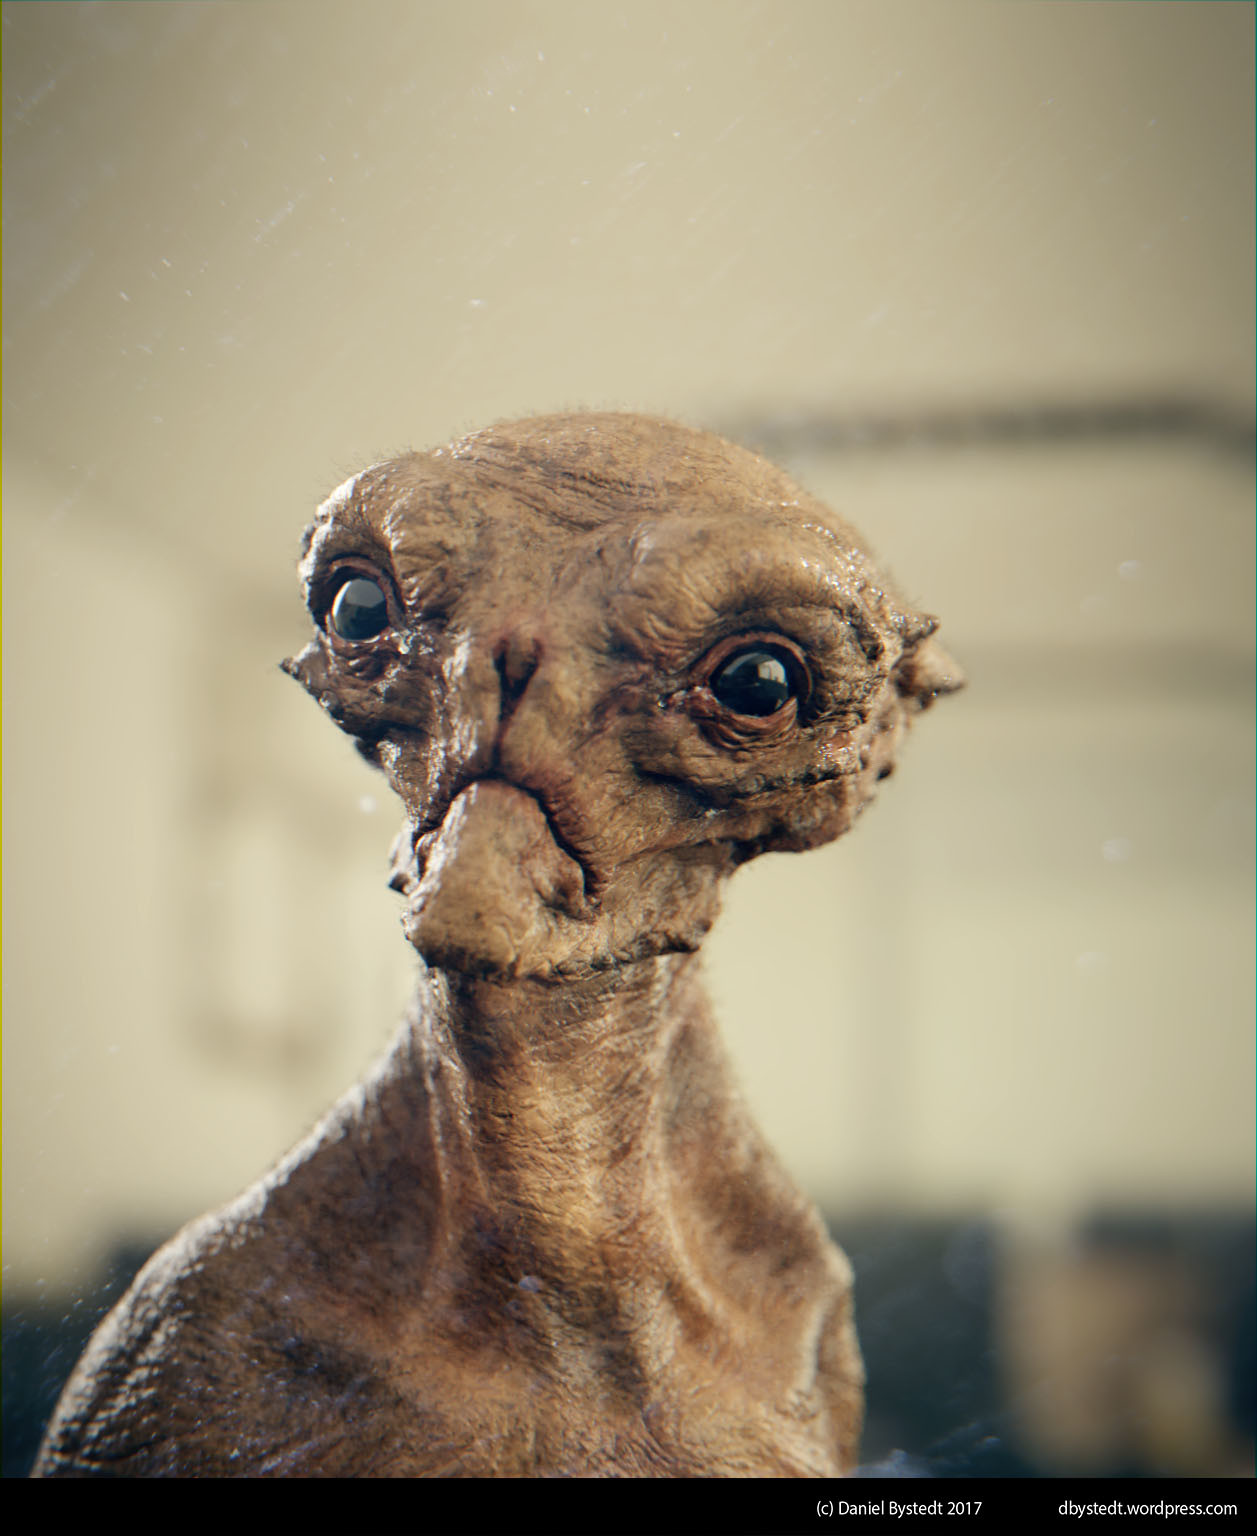 Daniel bystedt alien bust 1